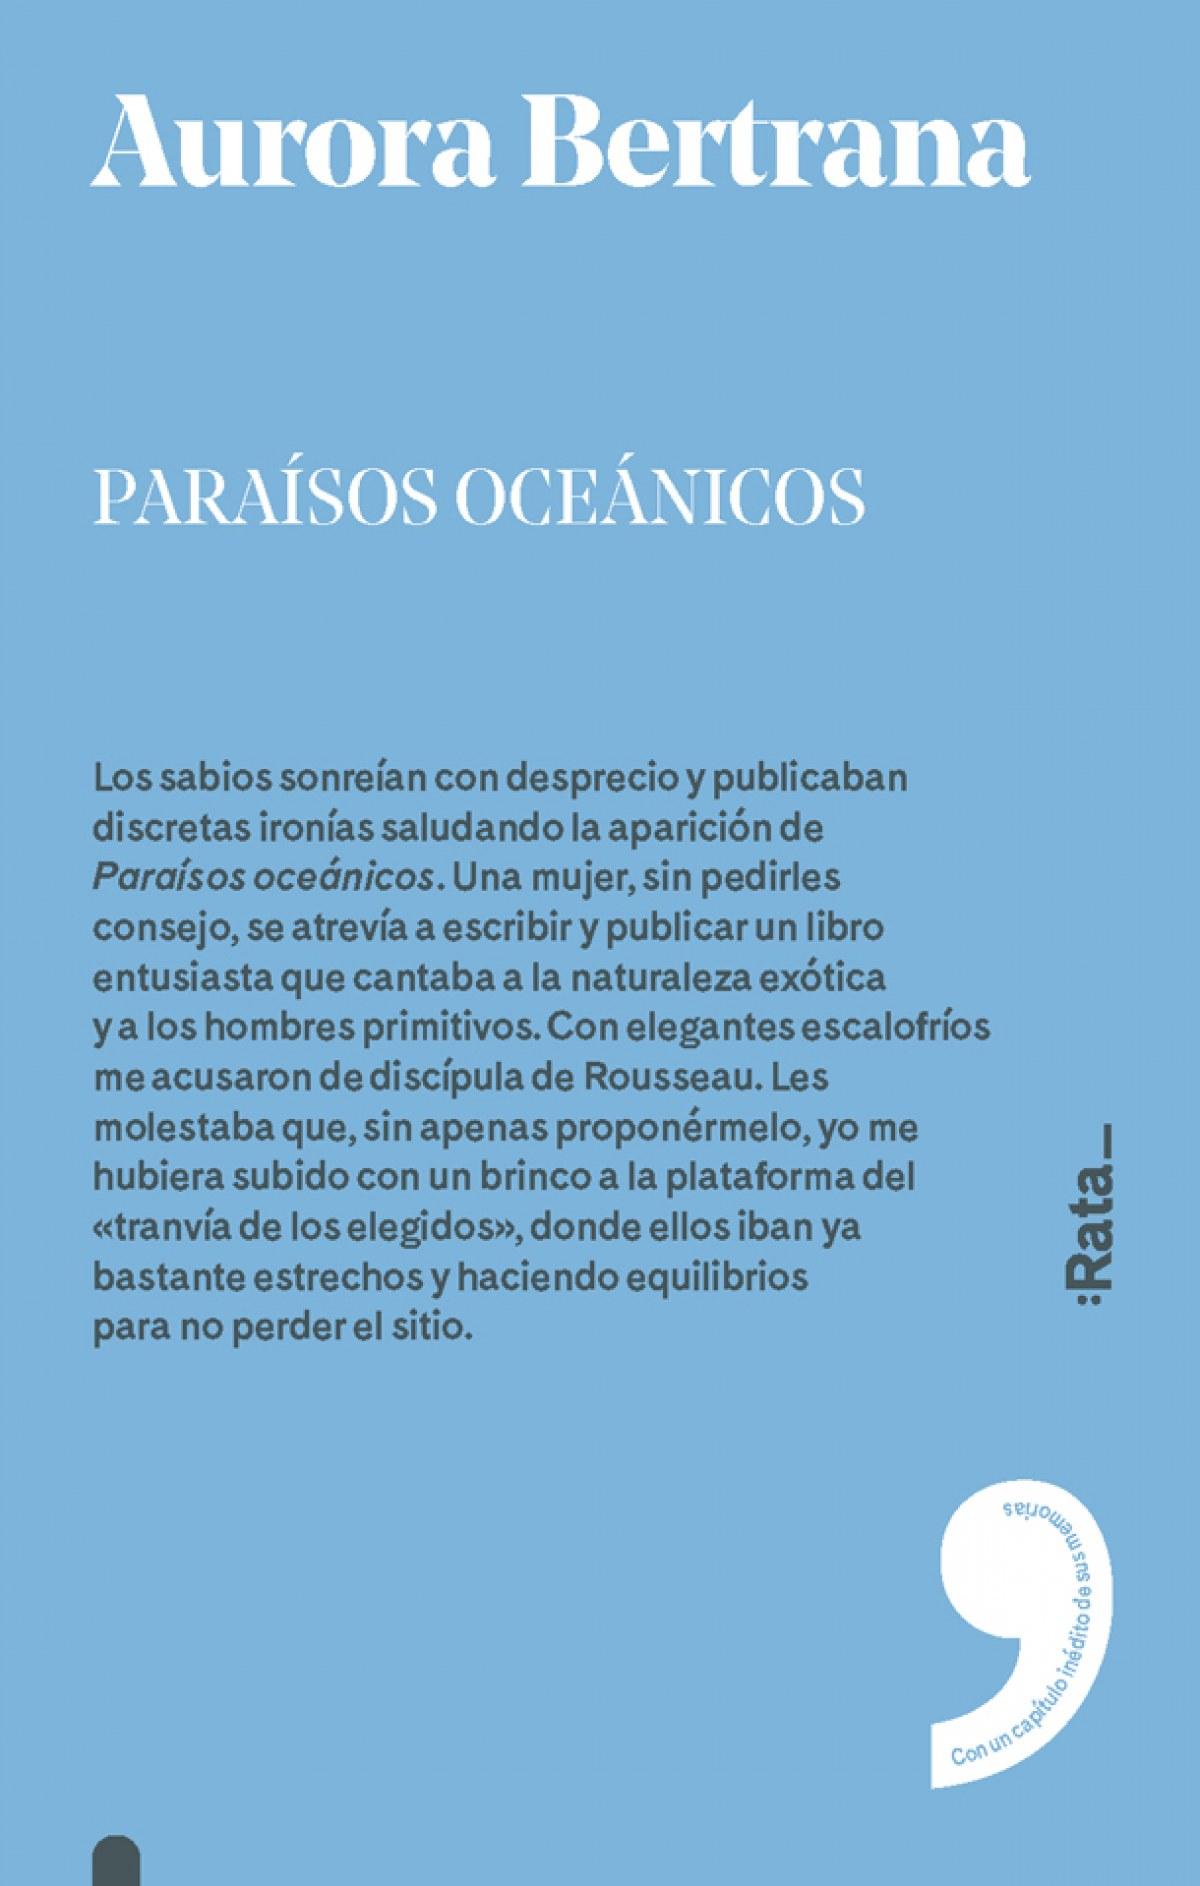 PARAISOS OCEÁNICOS 9788416738328